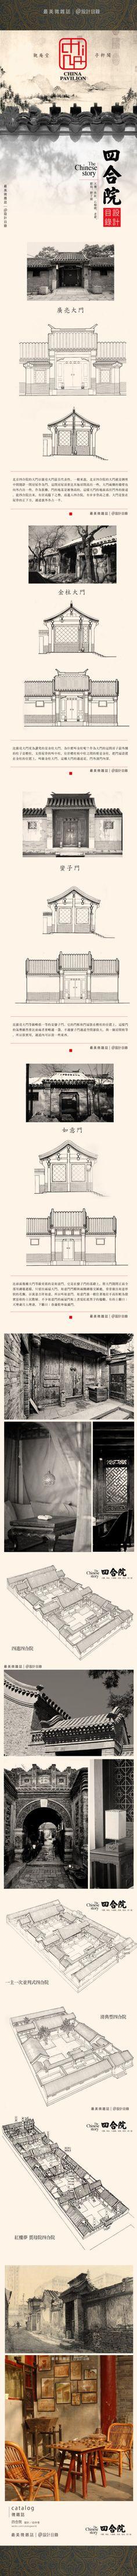 中國四合院  China